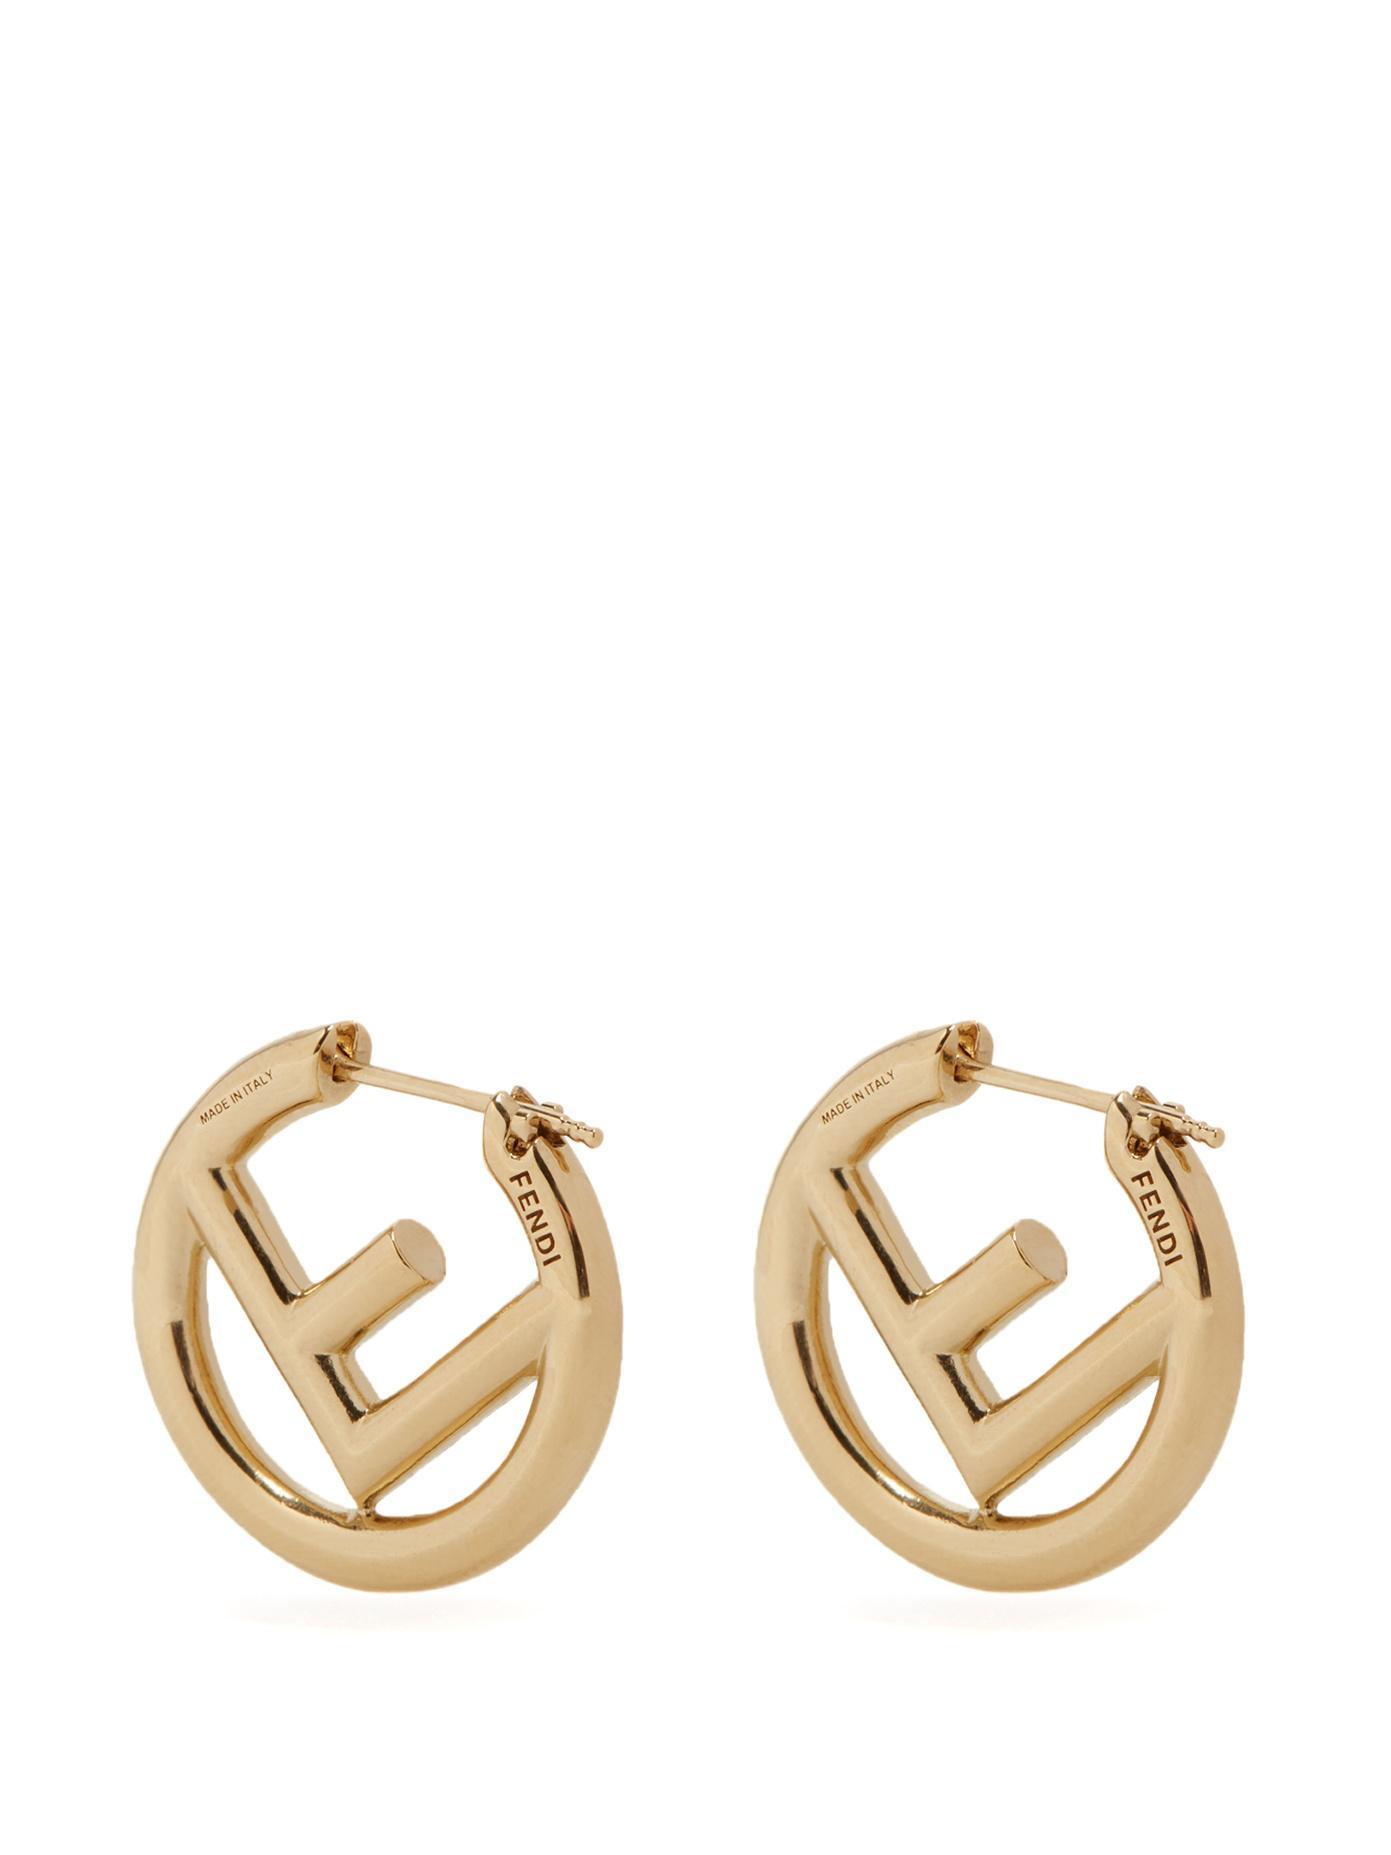 ad5ff89b2 Fendi F Is Small Hoop Earrings in Metallic - Lyst